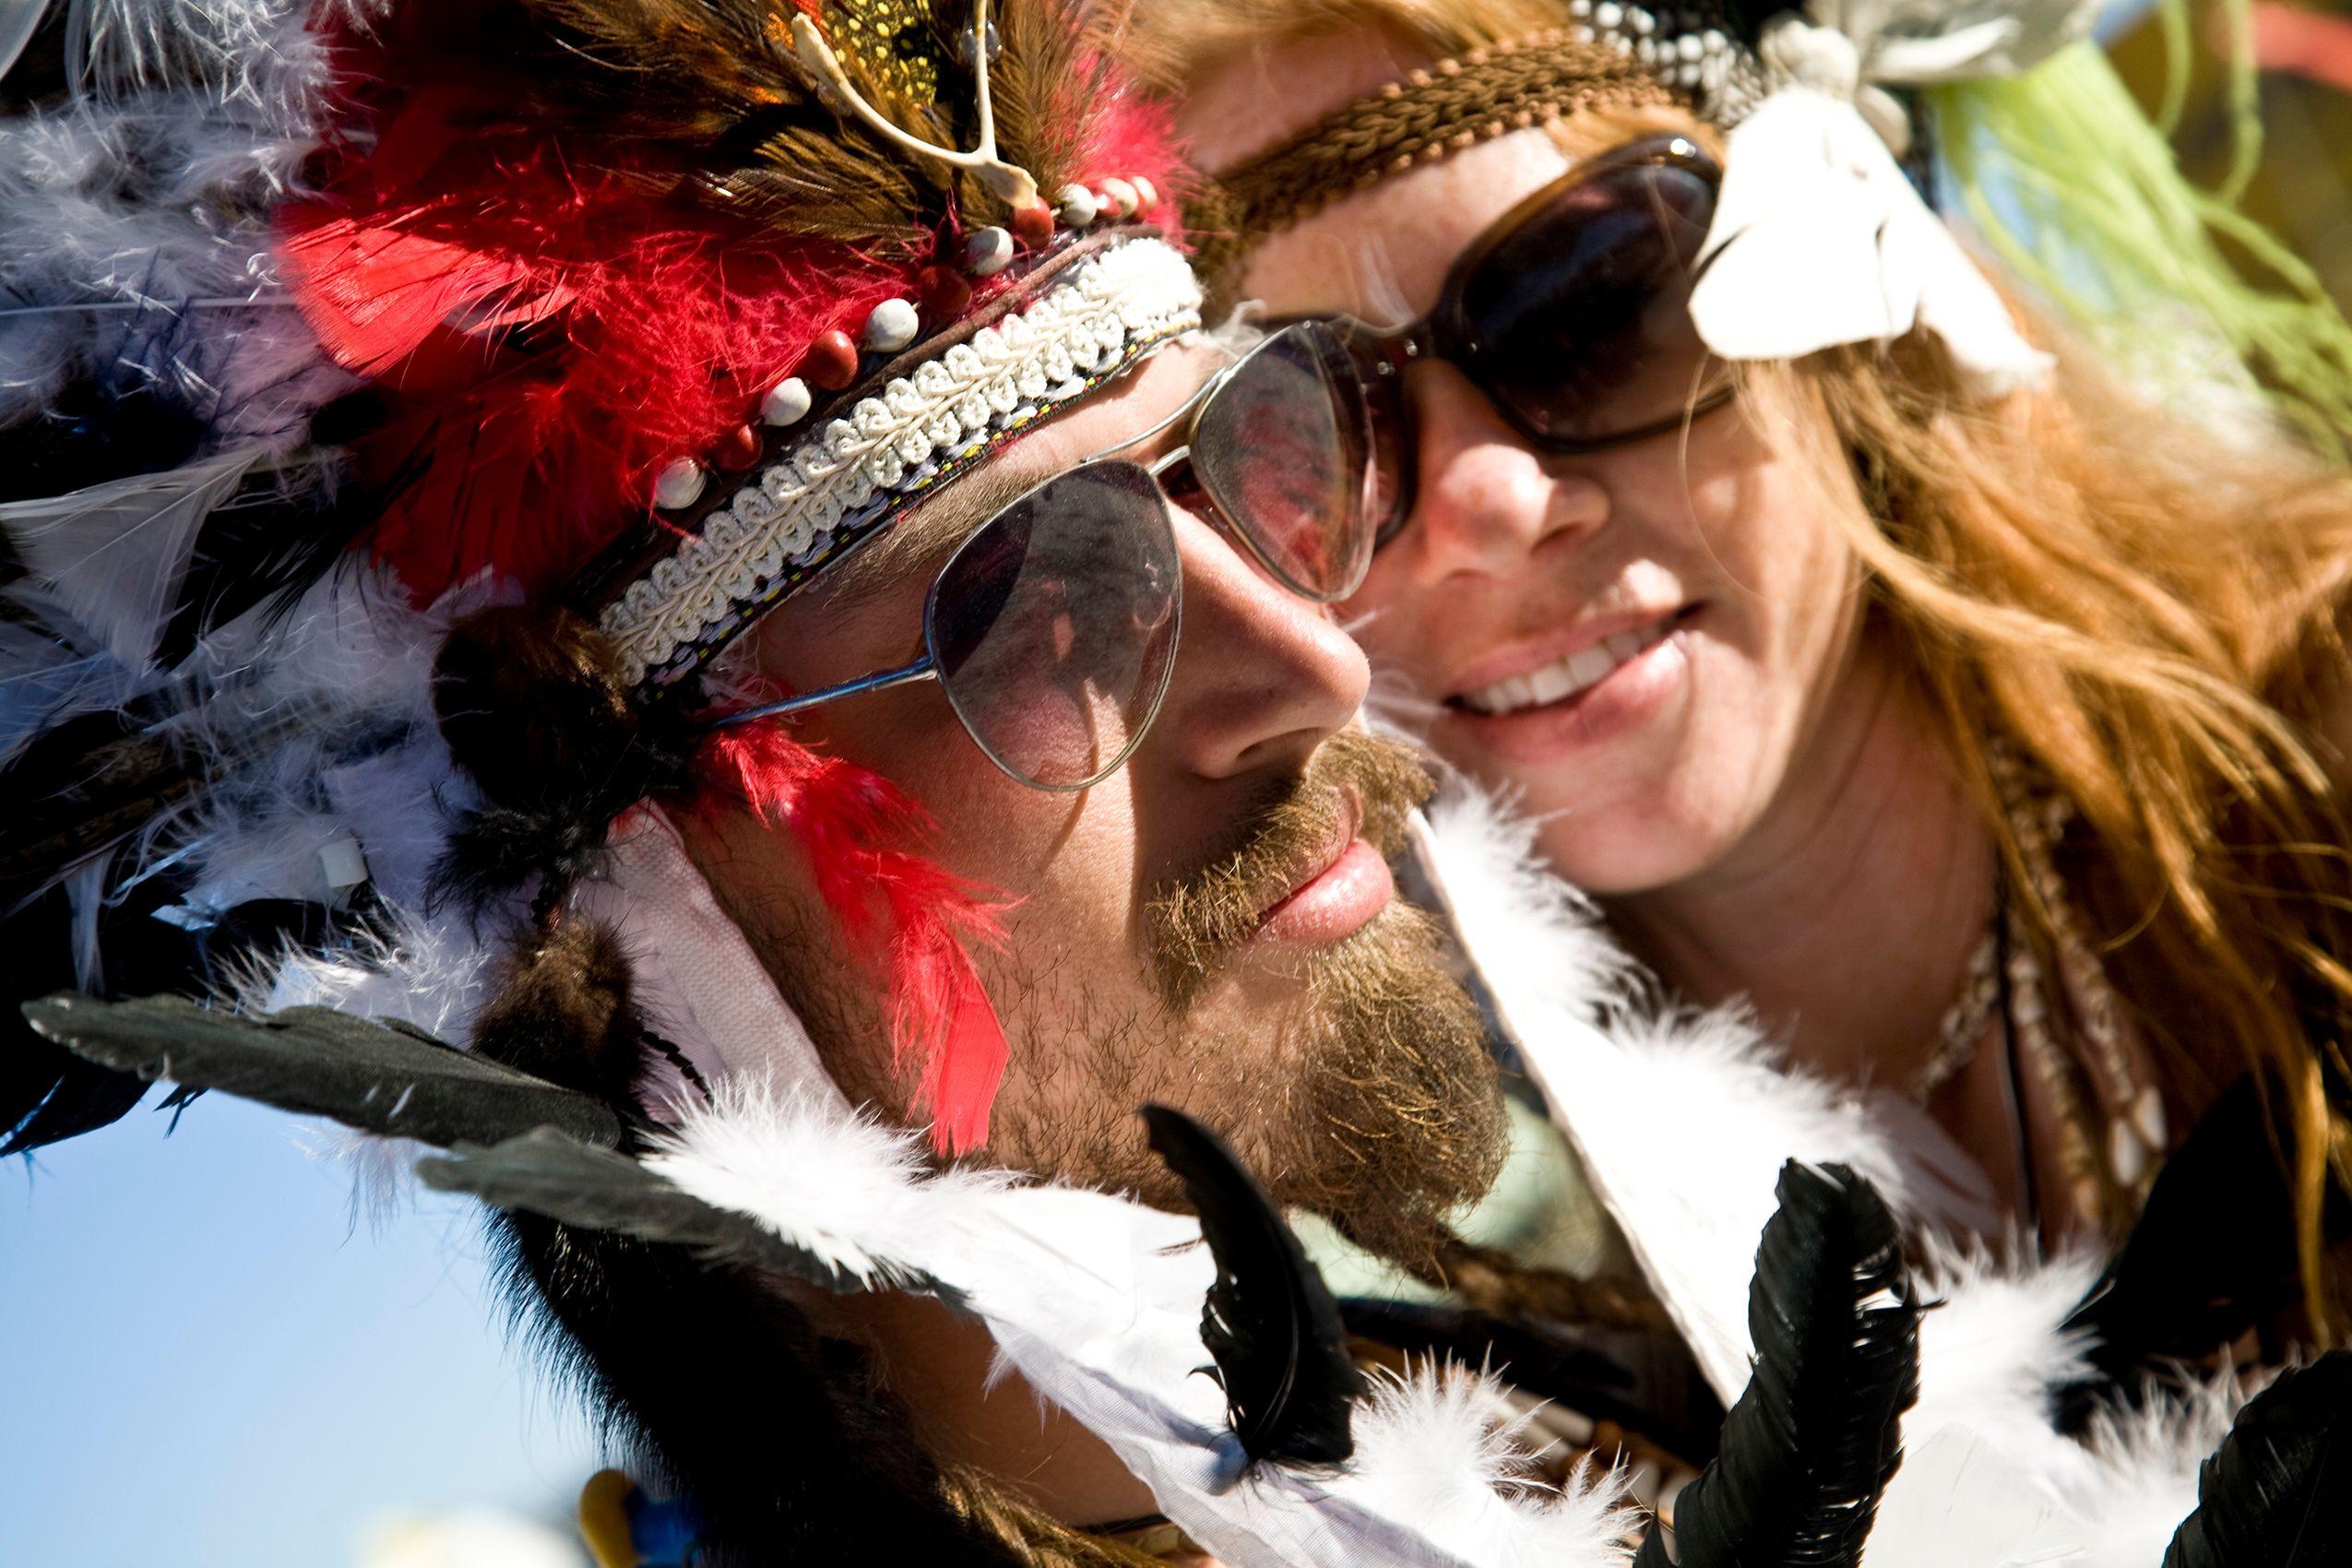 2009_08-09_AmericanDream_BurningMan-40.jpg